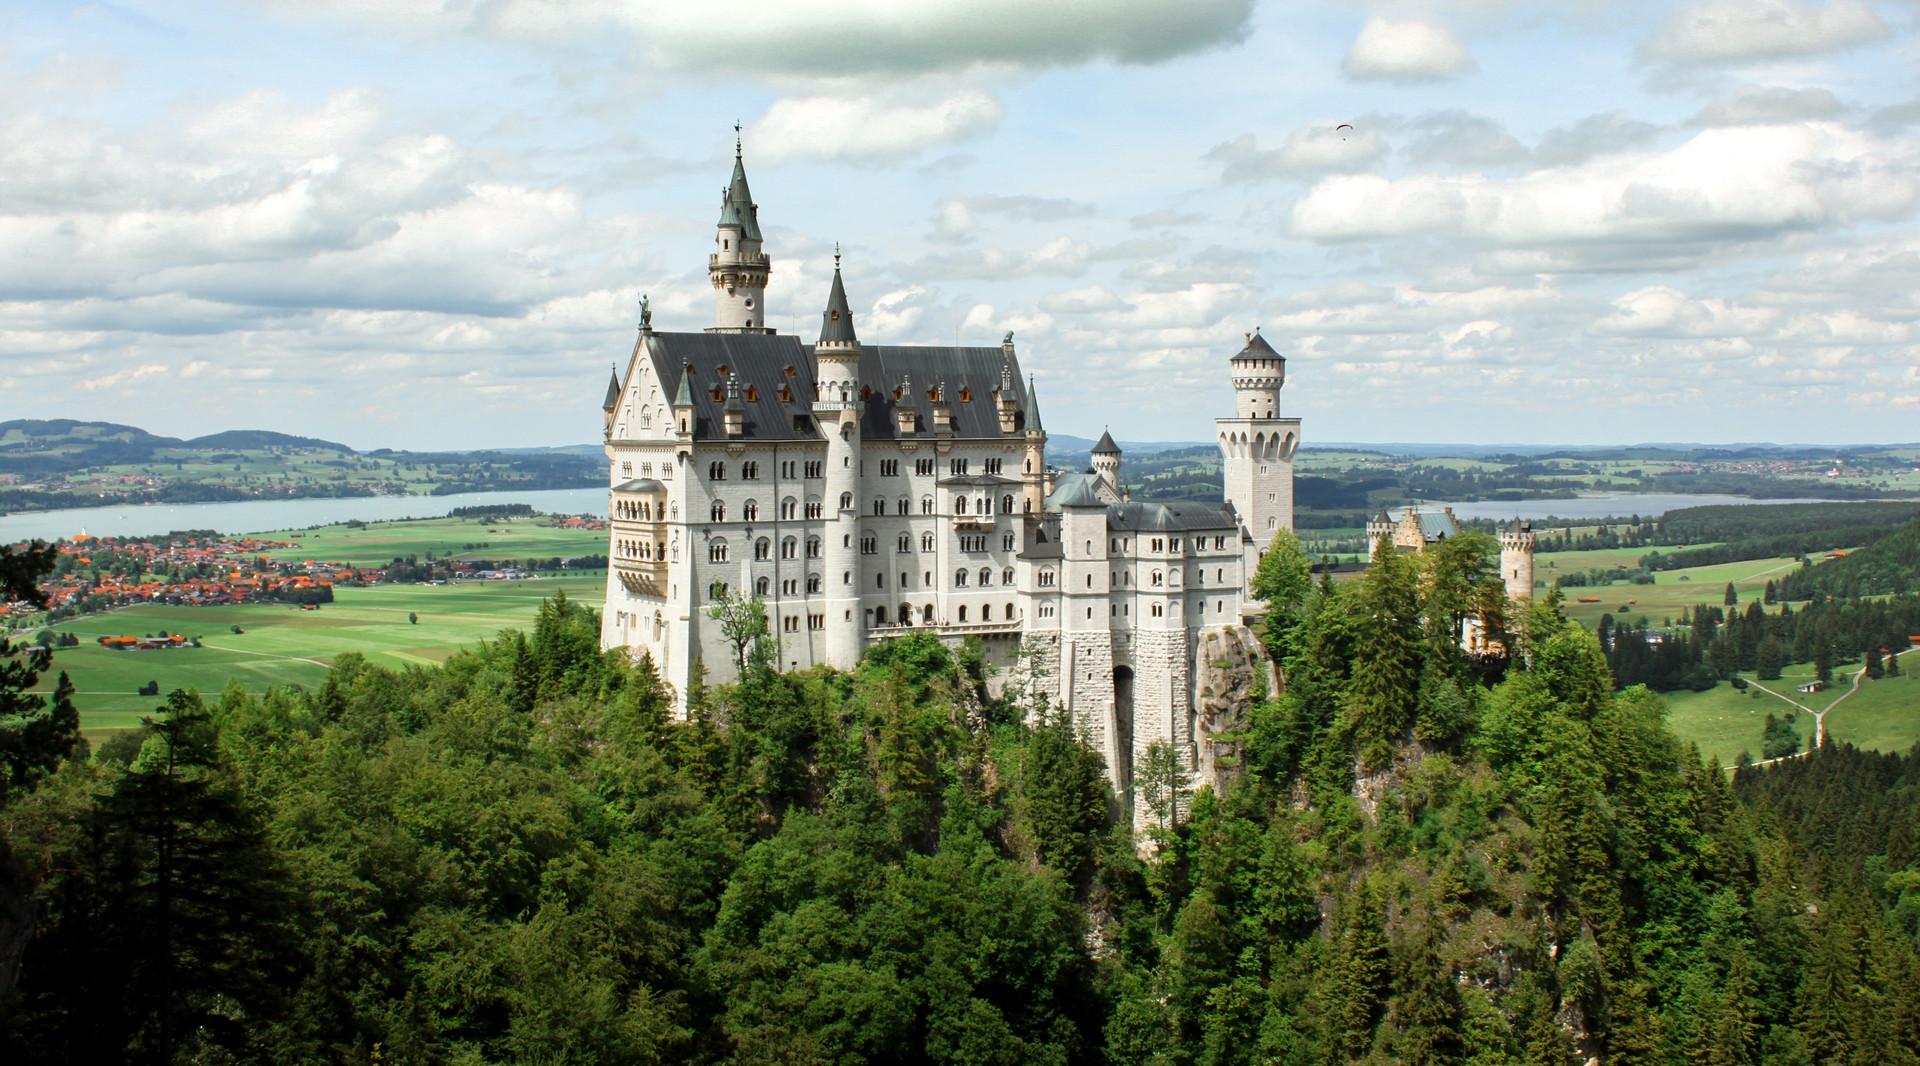 【欧洲全览】<欧洲十国法国、意大利、瑞士、奥地利、德国、比利时、荷兰等12天>